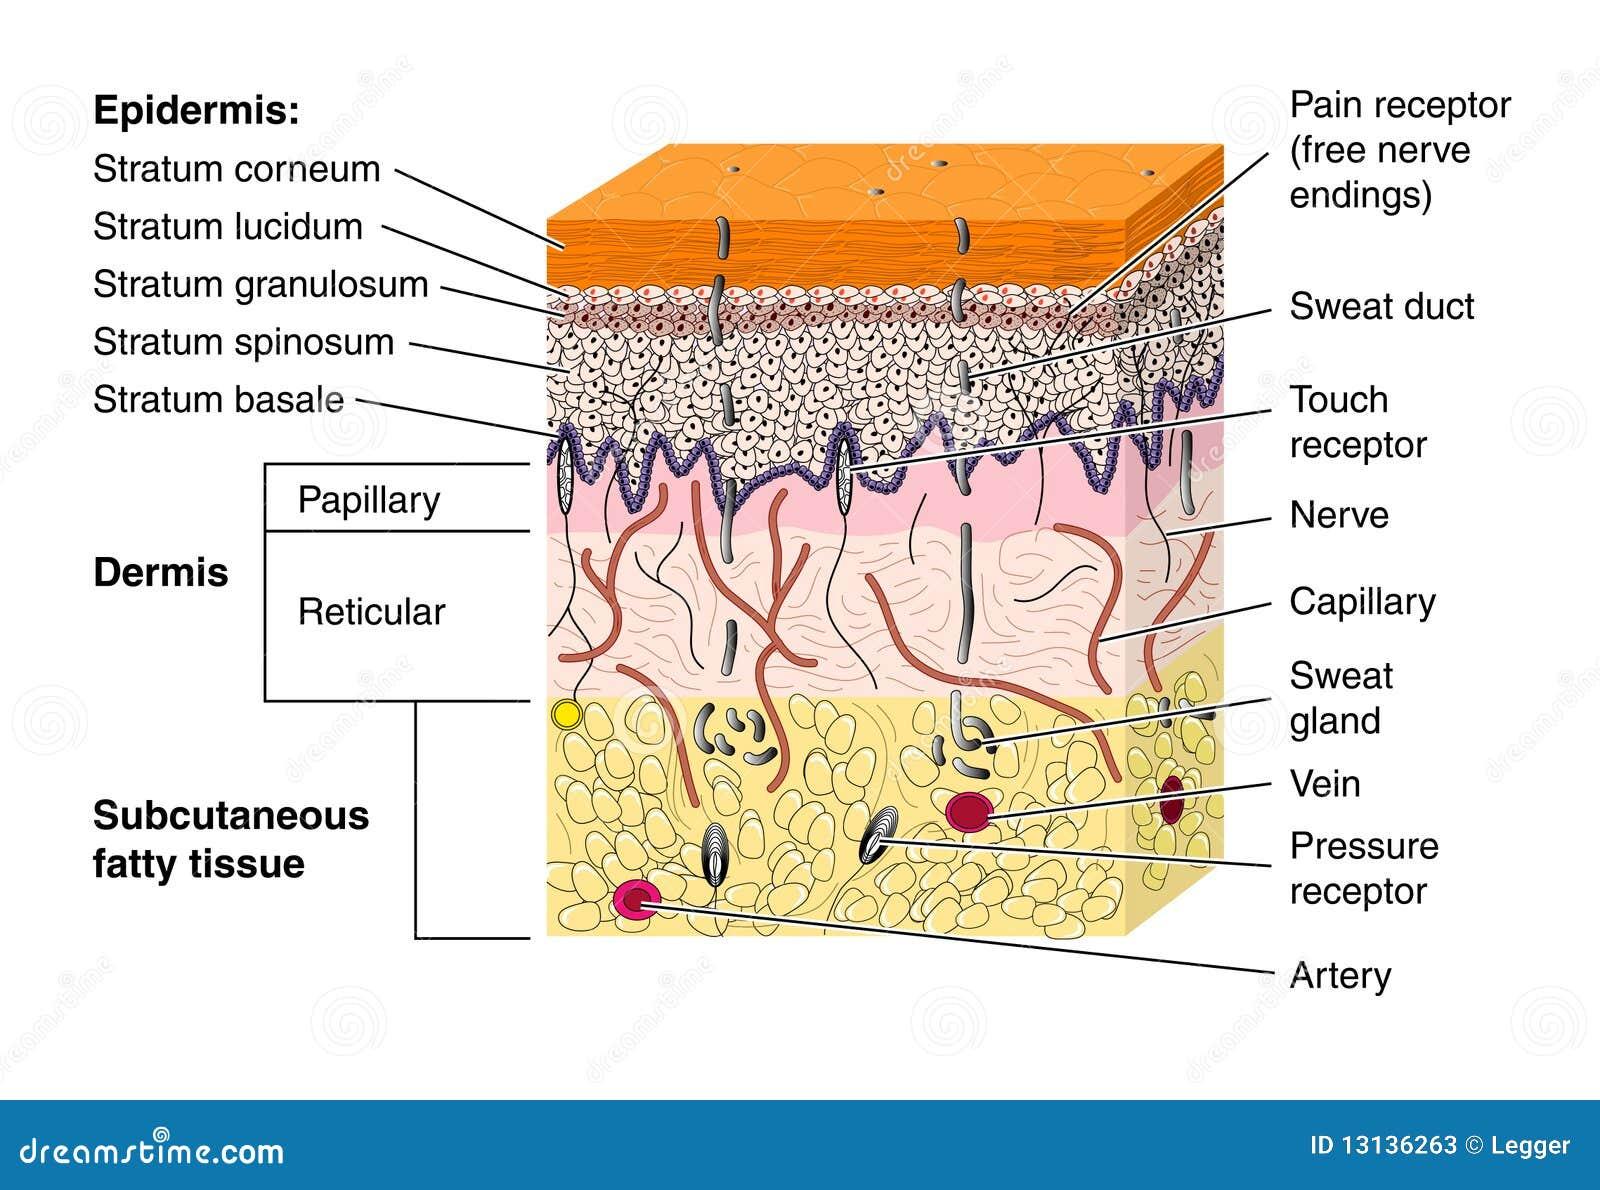 交叉要素结束分层堆积显示皮肤结构上的种类的神经